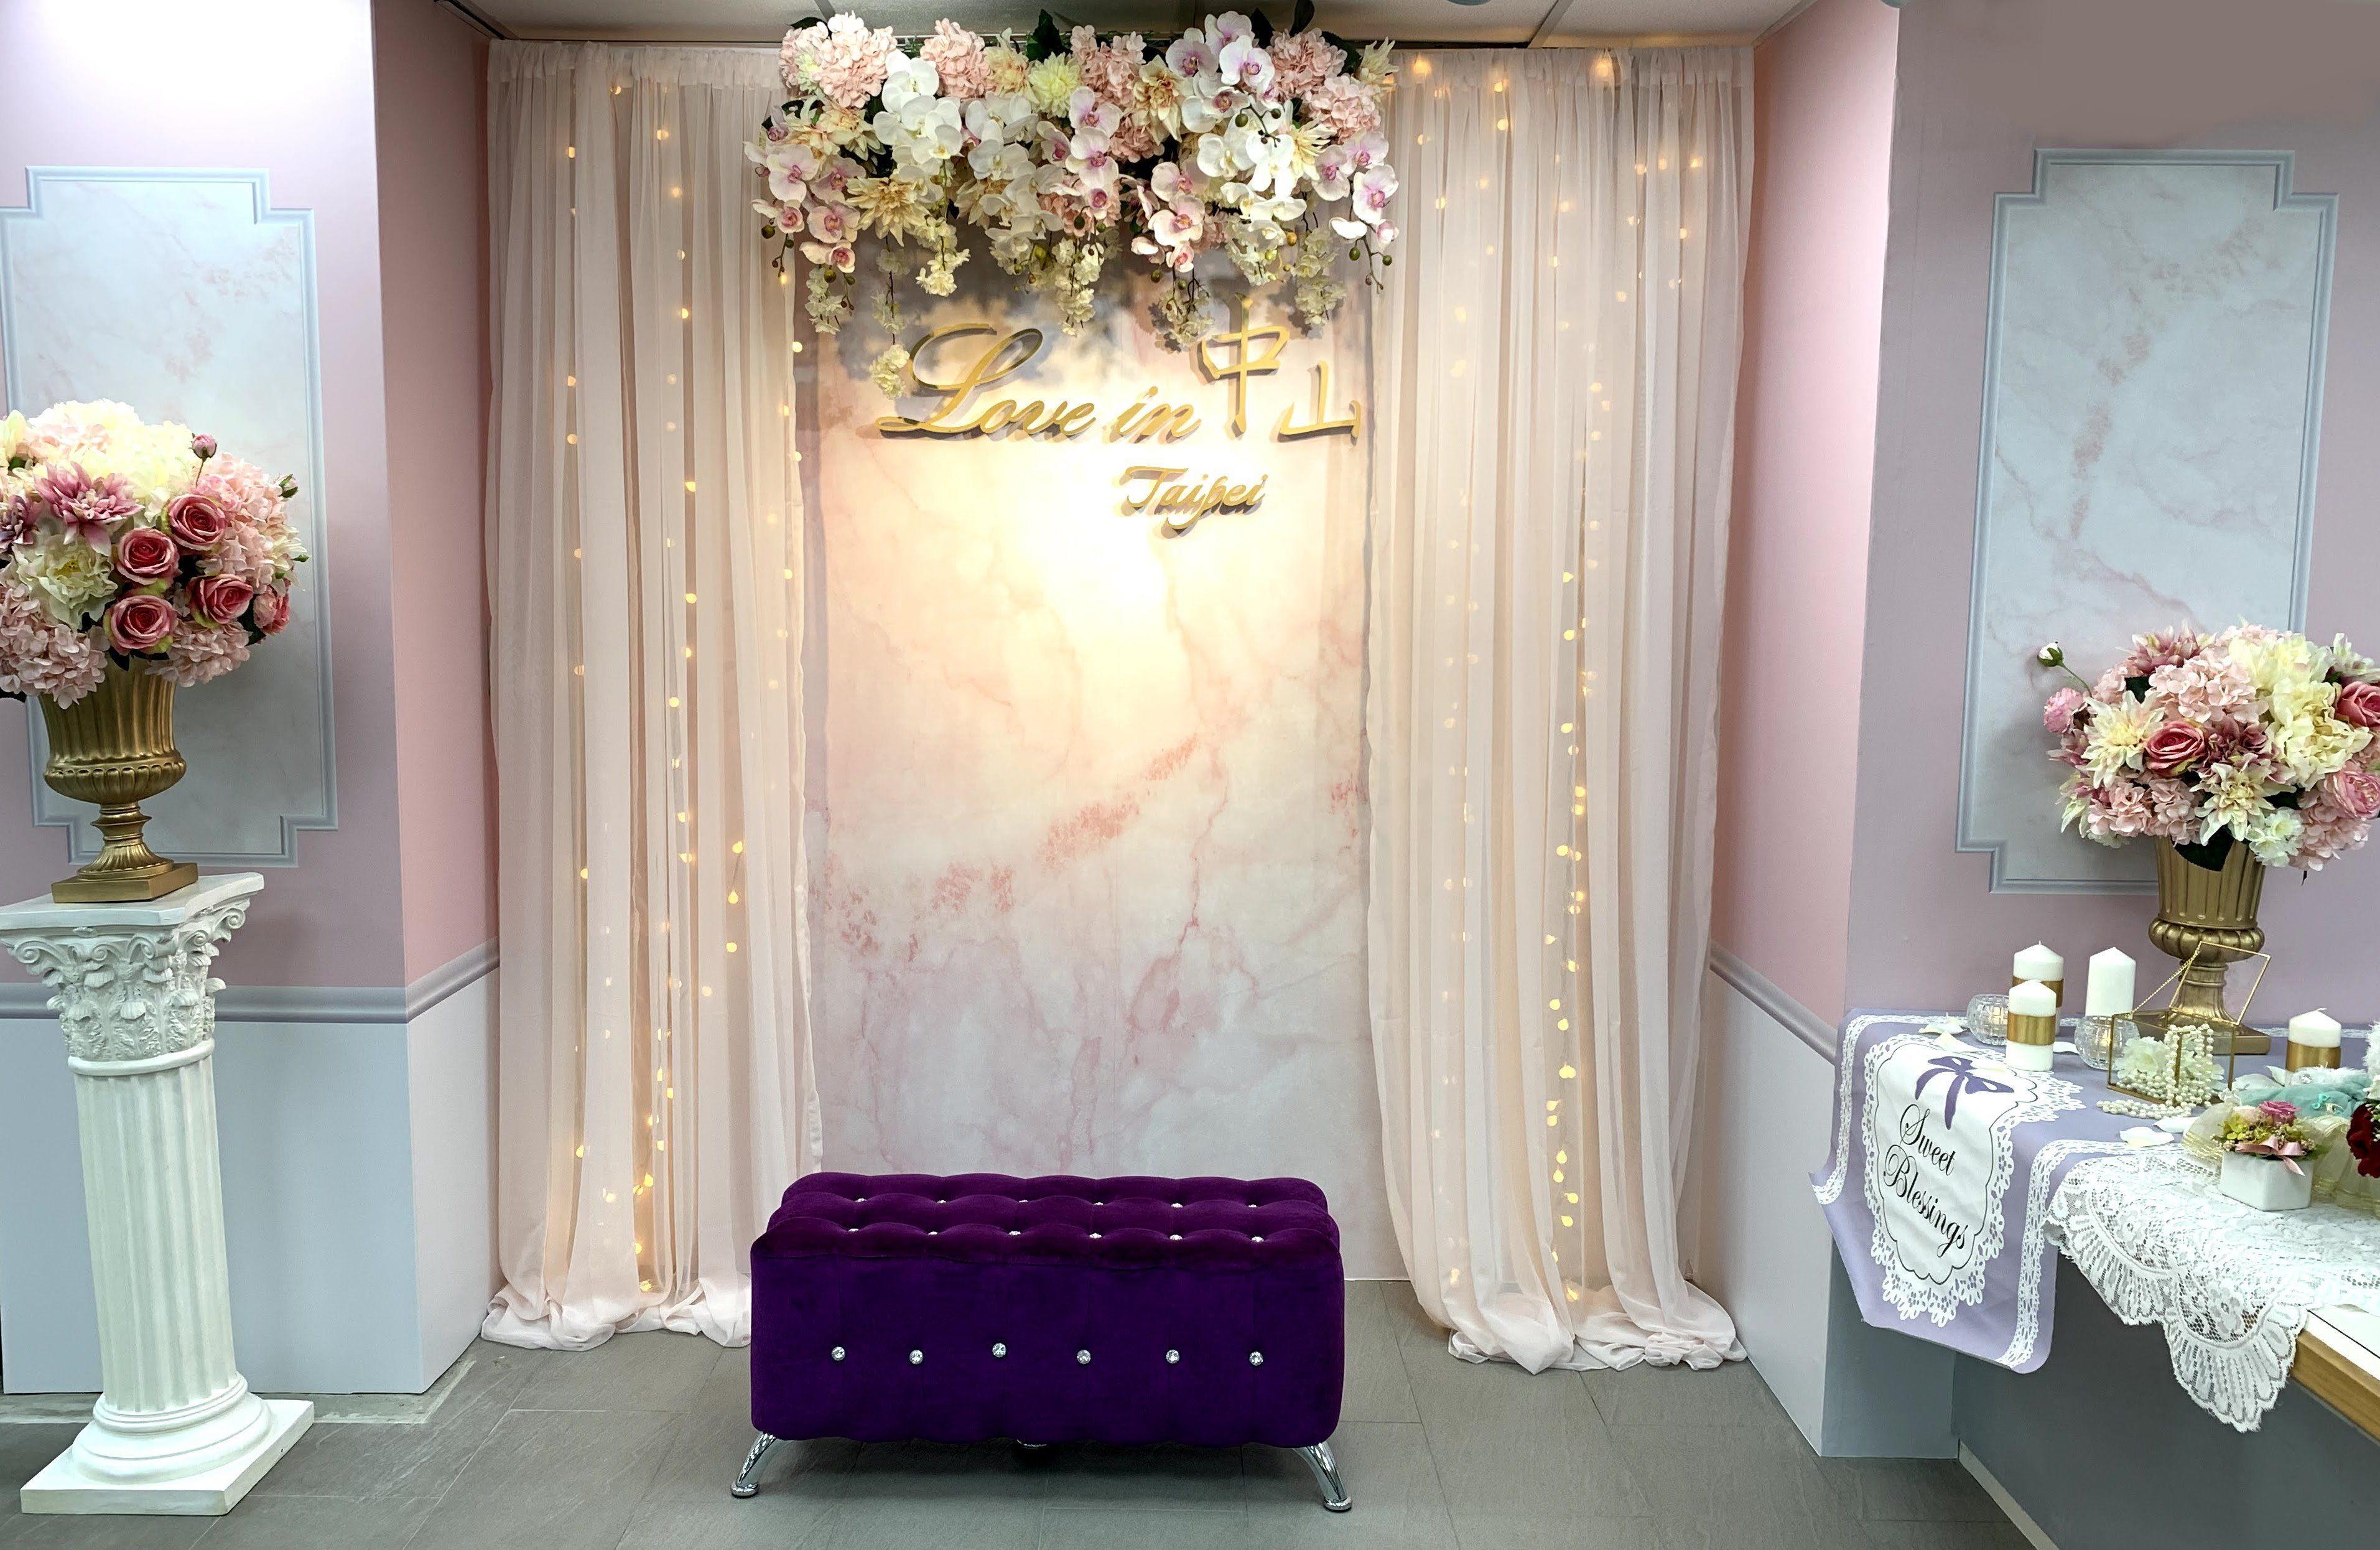 北市中山戶所結婚拍照專區第1張照片設計理念如上述,另開新視窗